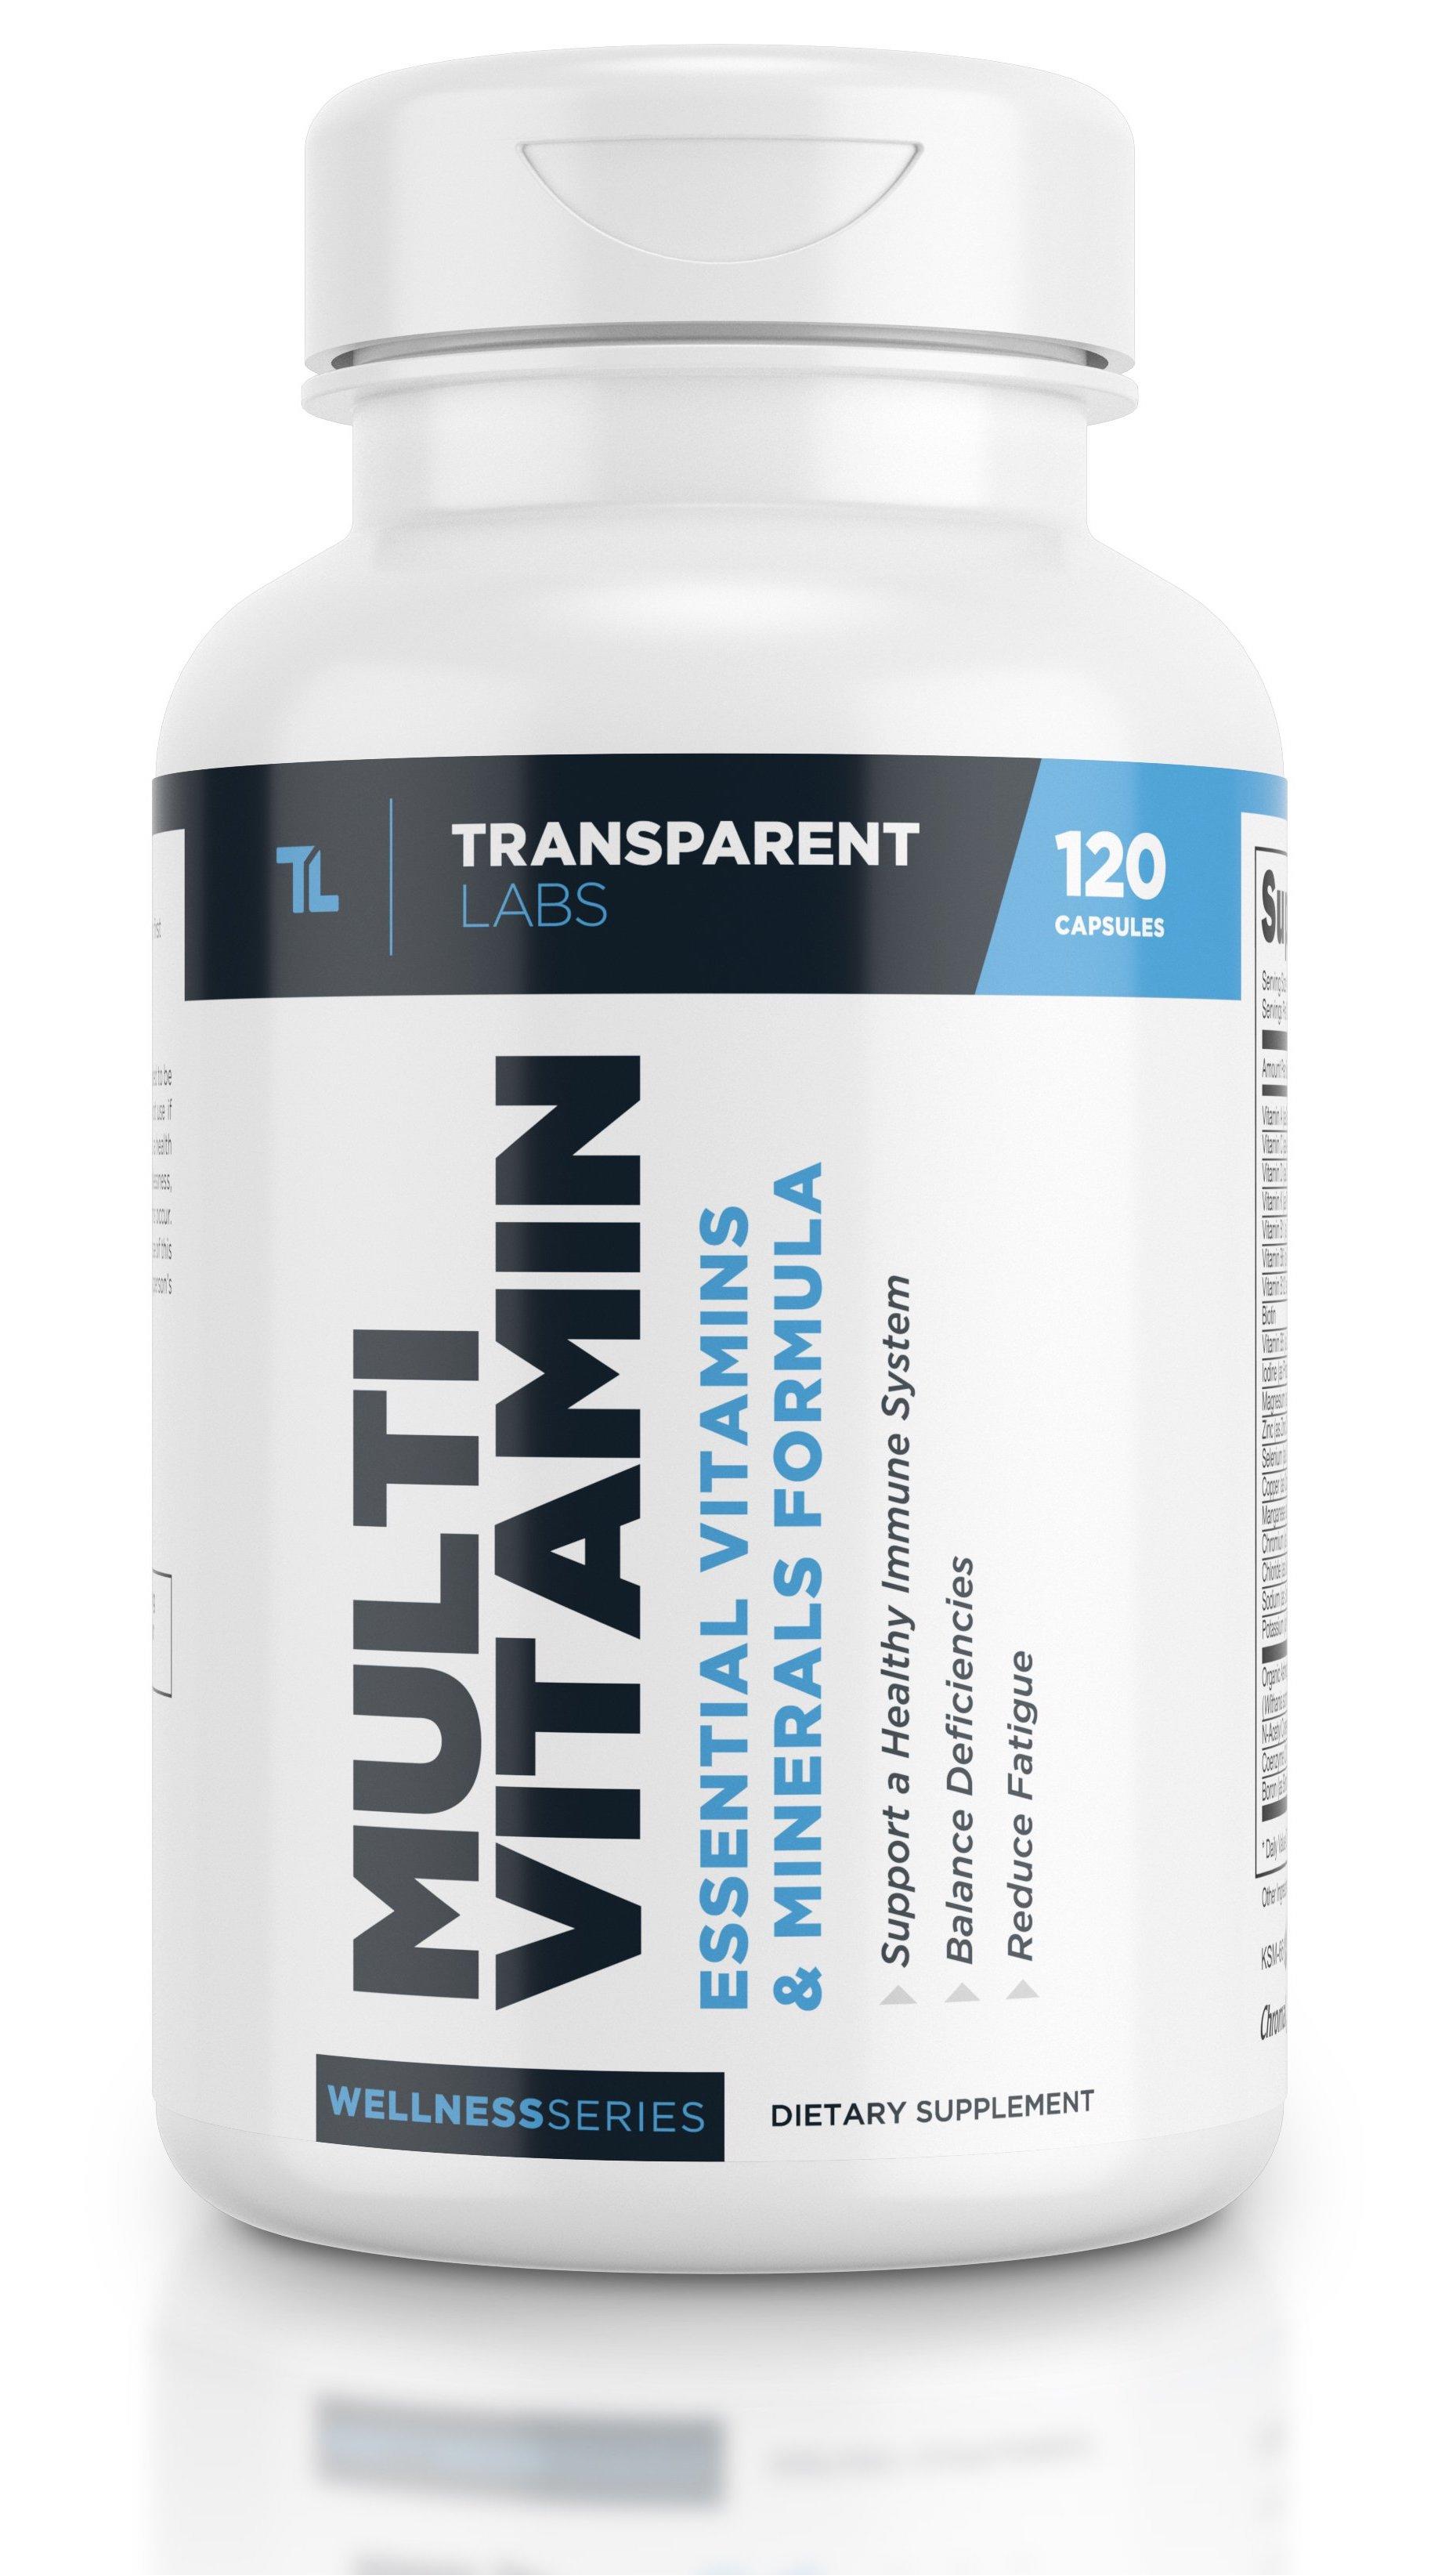 Transparent Labs Multivitamin